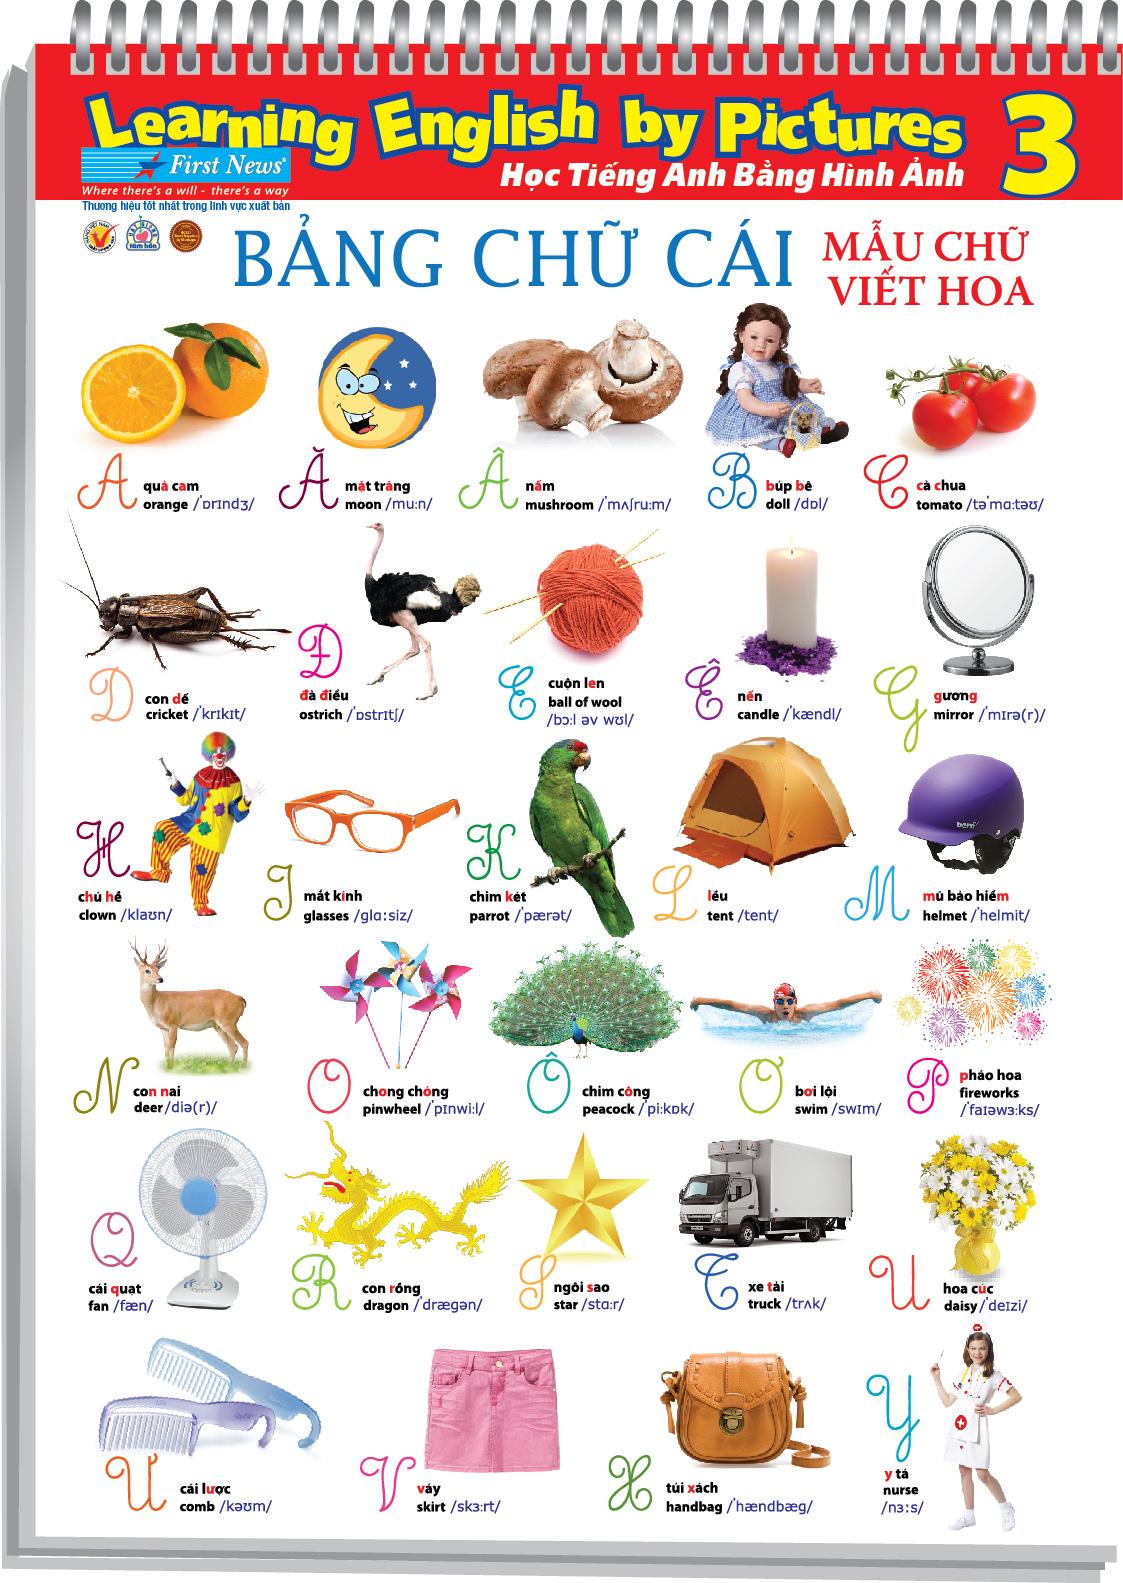 Poster Học Tiếng Anh Bằng Hình Ảnh Khổ Lớn 3